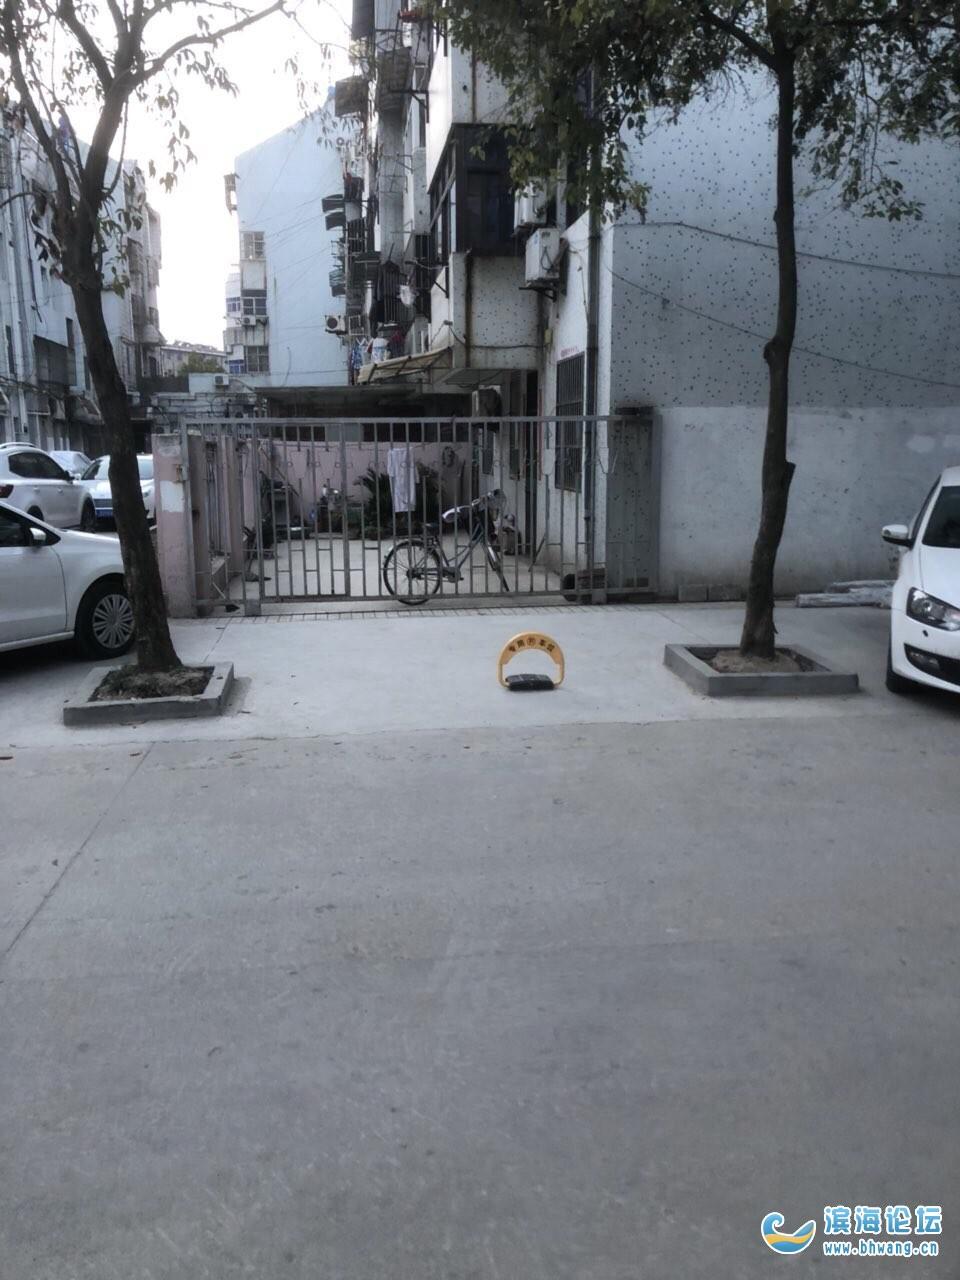 东大院此车主私设地锁抢占公共停车位就是强盗,路霸!